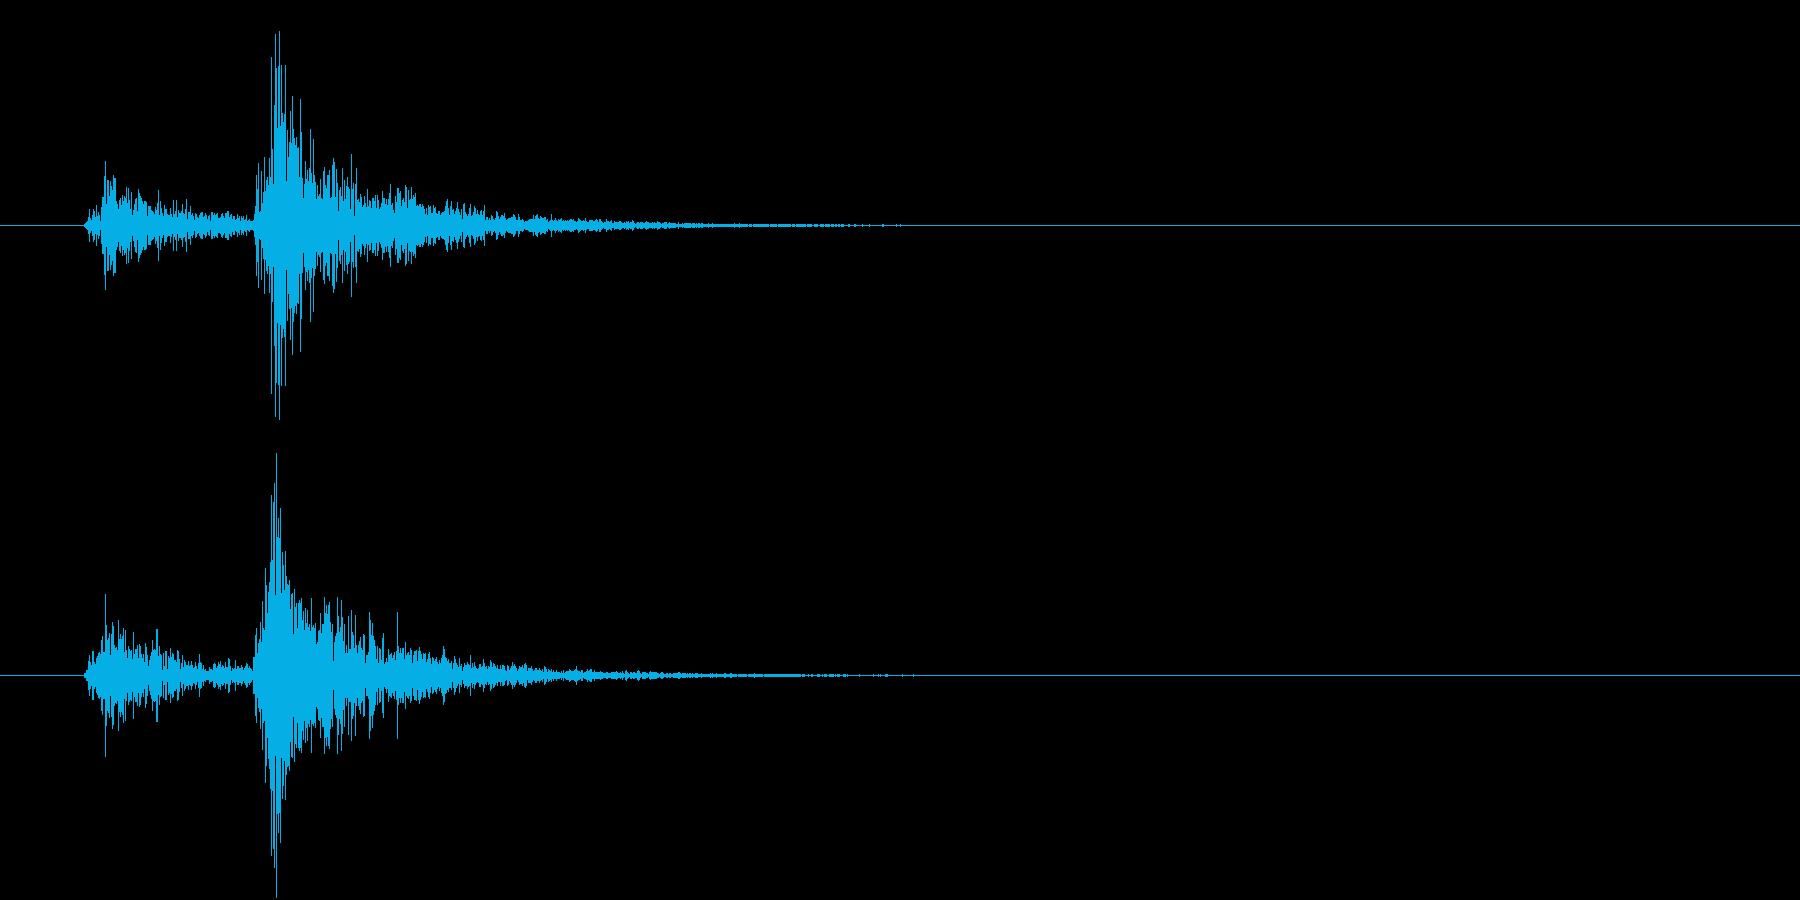 音侍「ドン、ドン」歌舞伎の足拍子の連打音の再生済みの波形